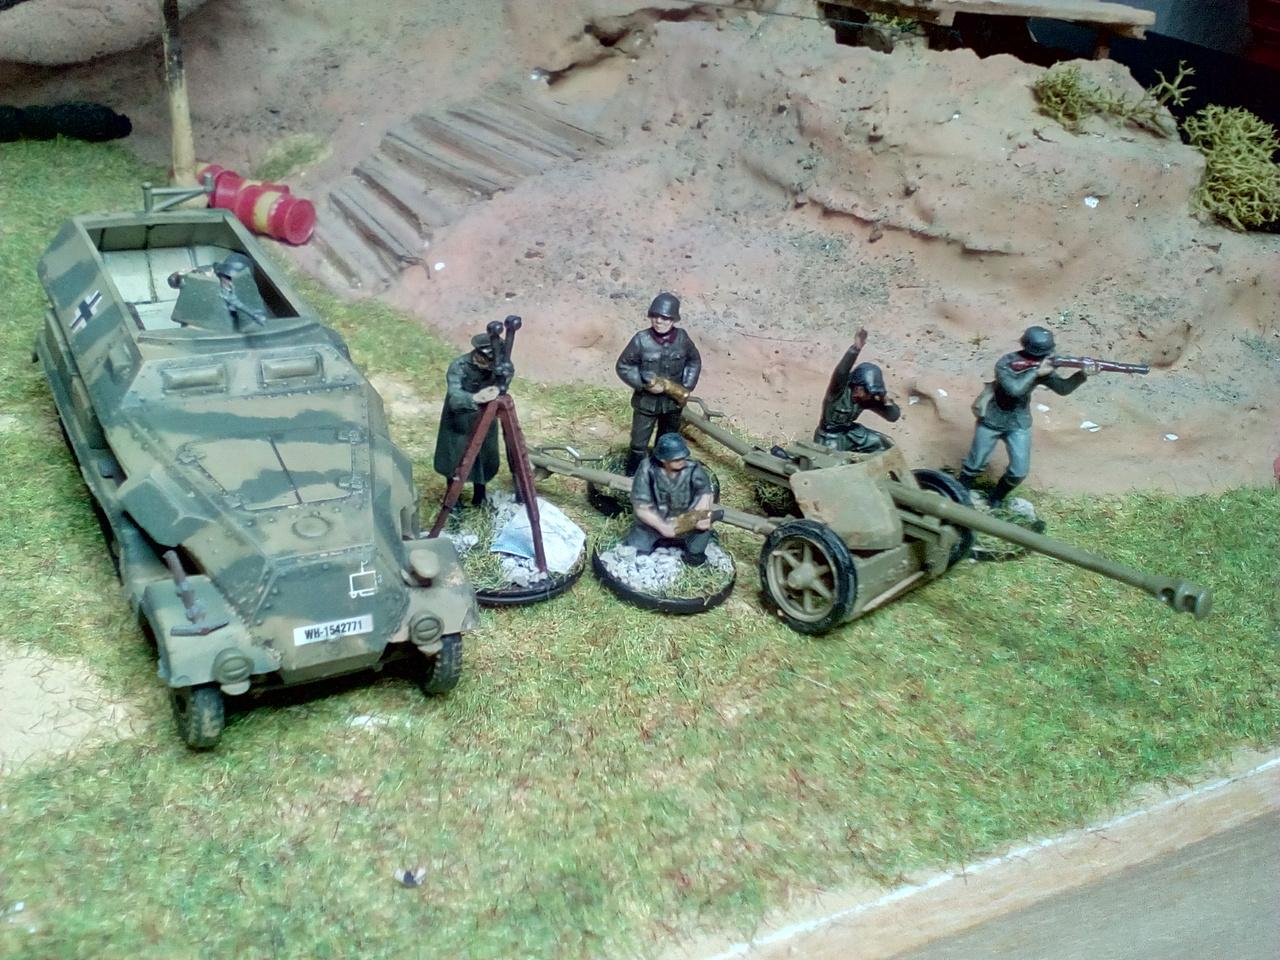 Armeeaufbau in gaaaaaaanz langsam.... - Seite 2 Img_20200114_19131027k2p